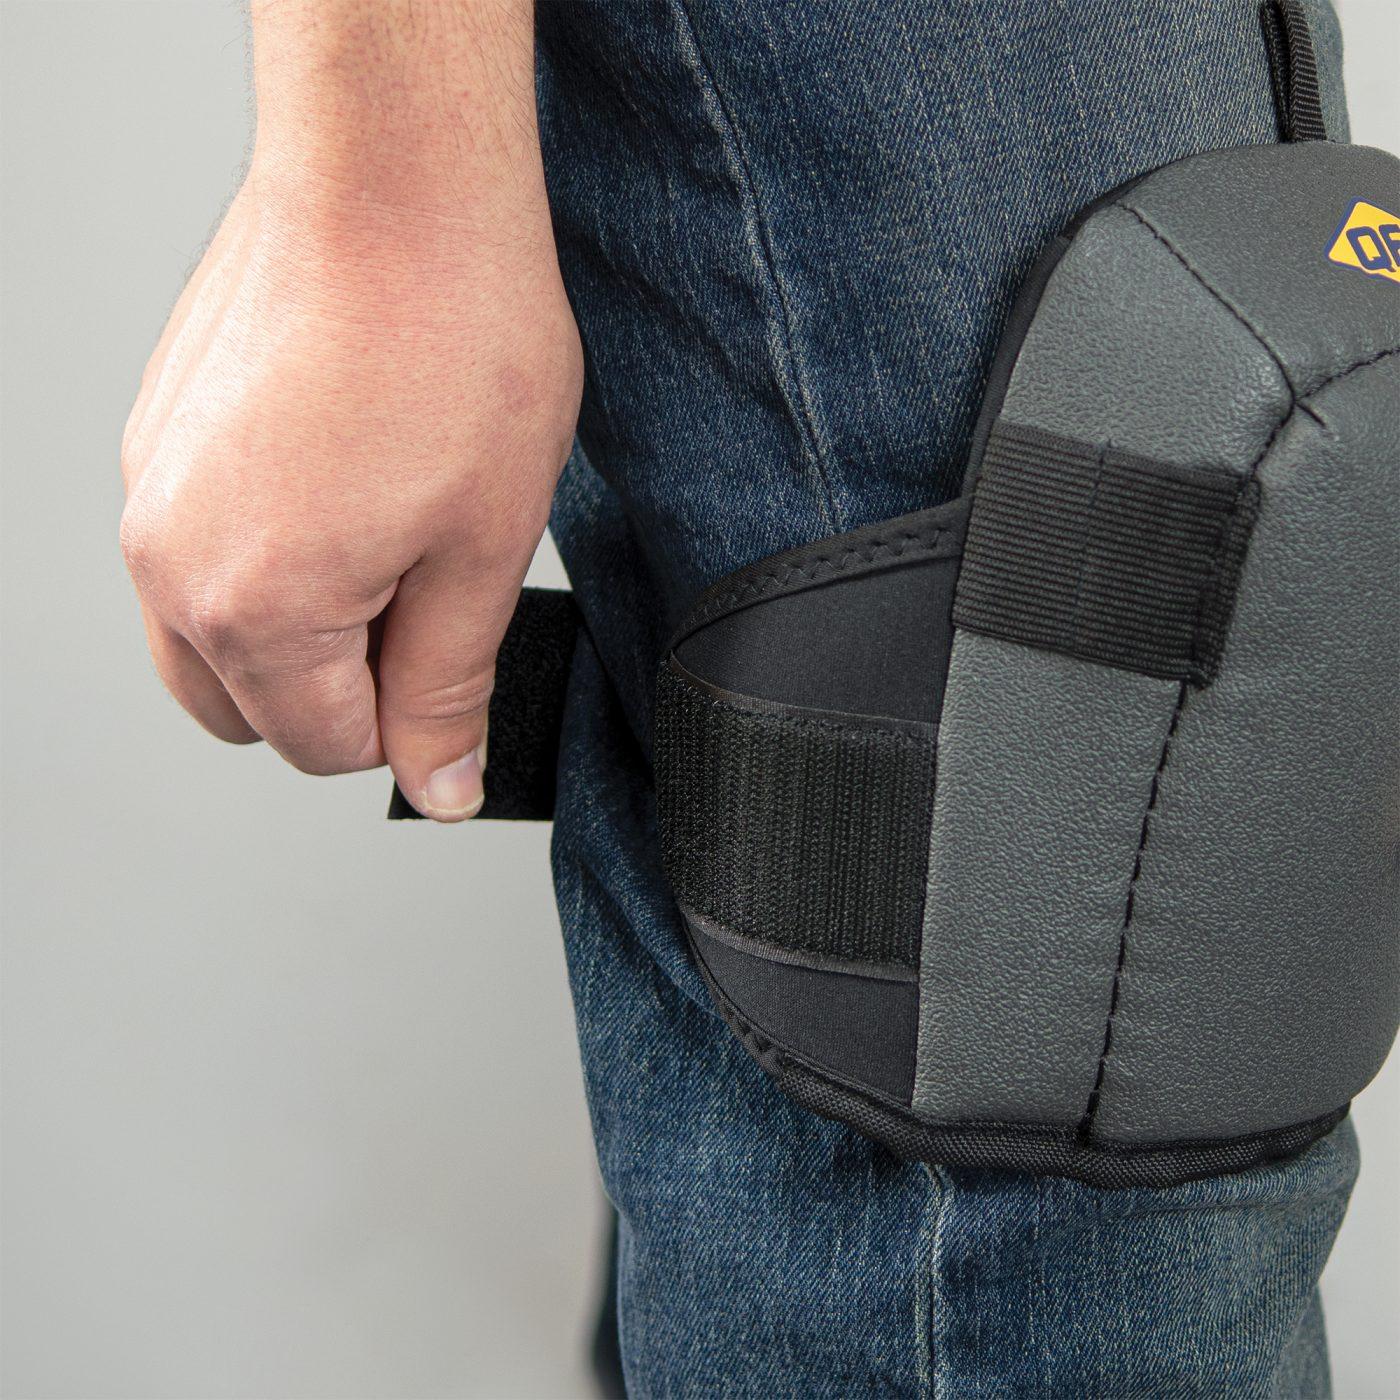 Comfort Grip Knee Pads